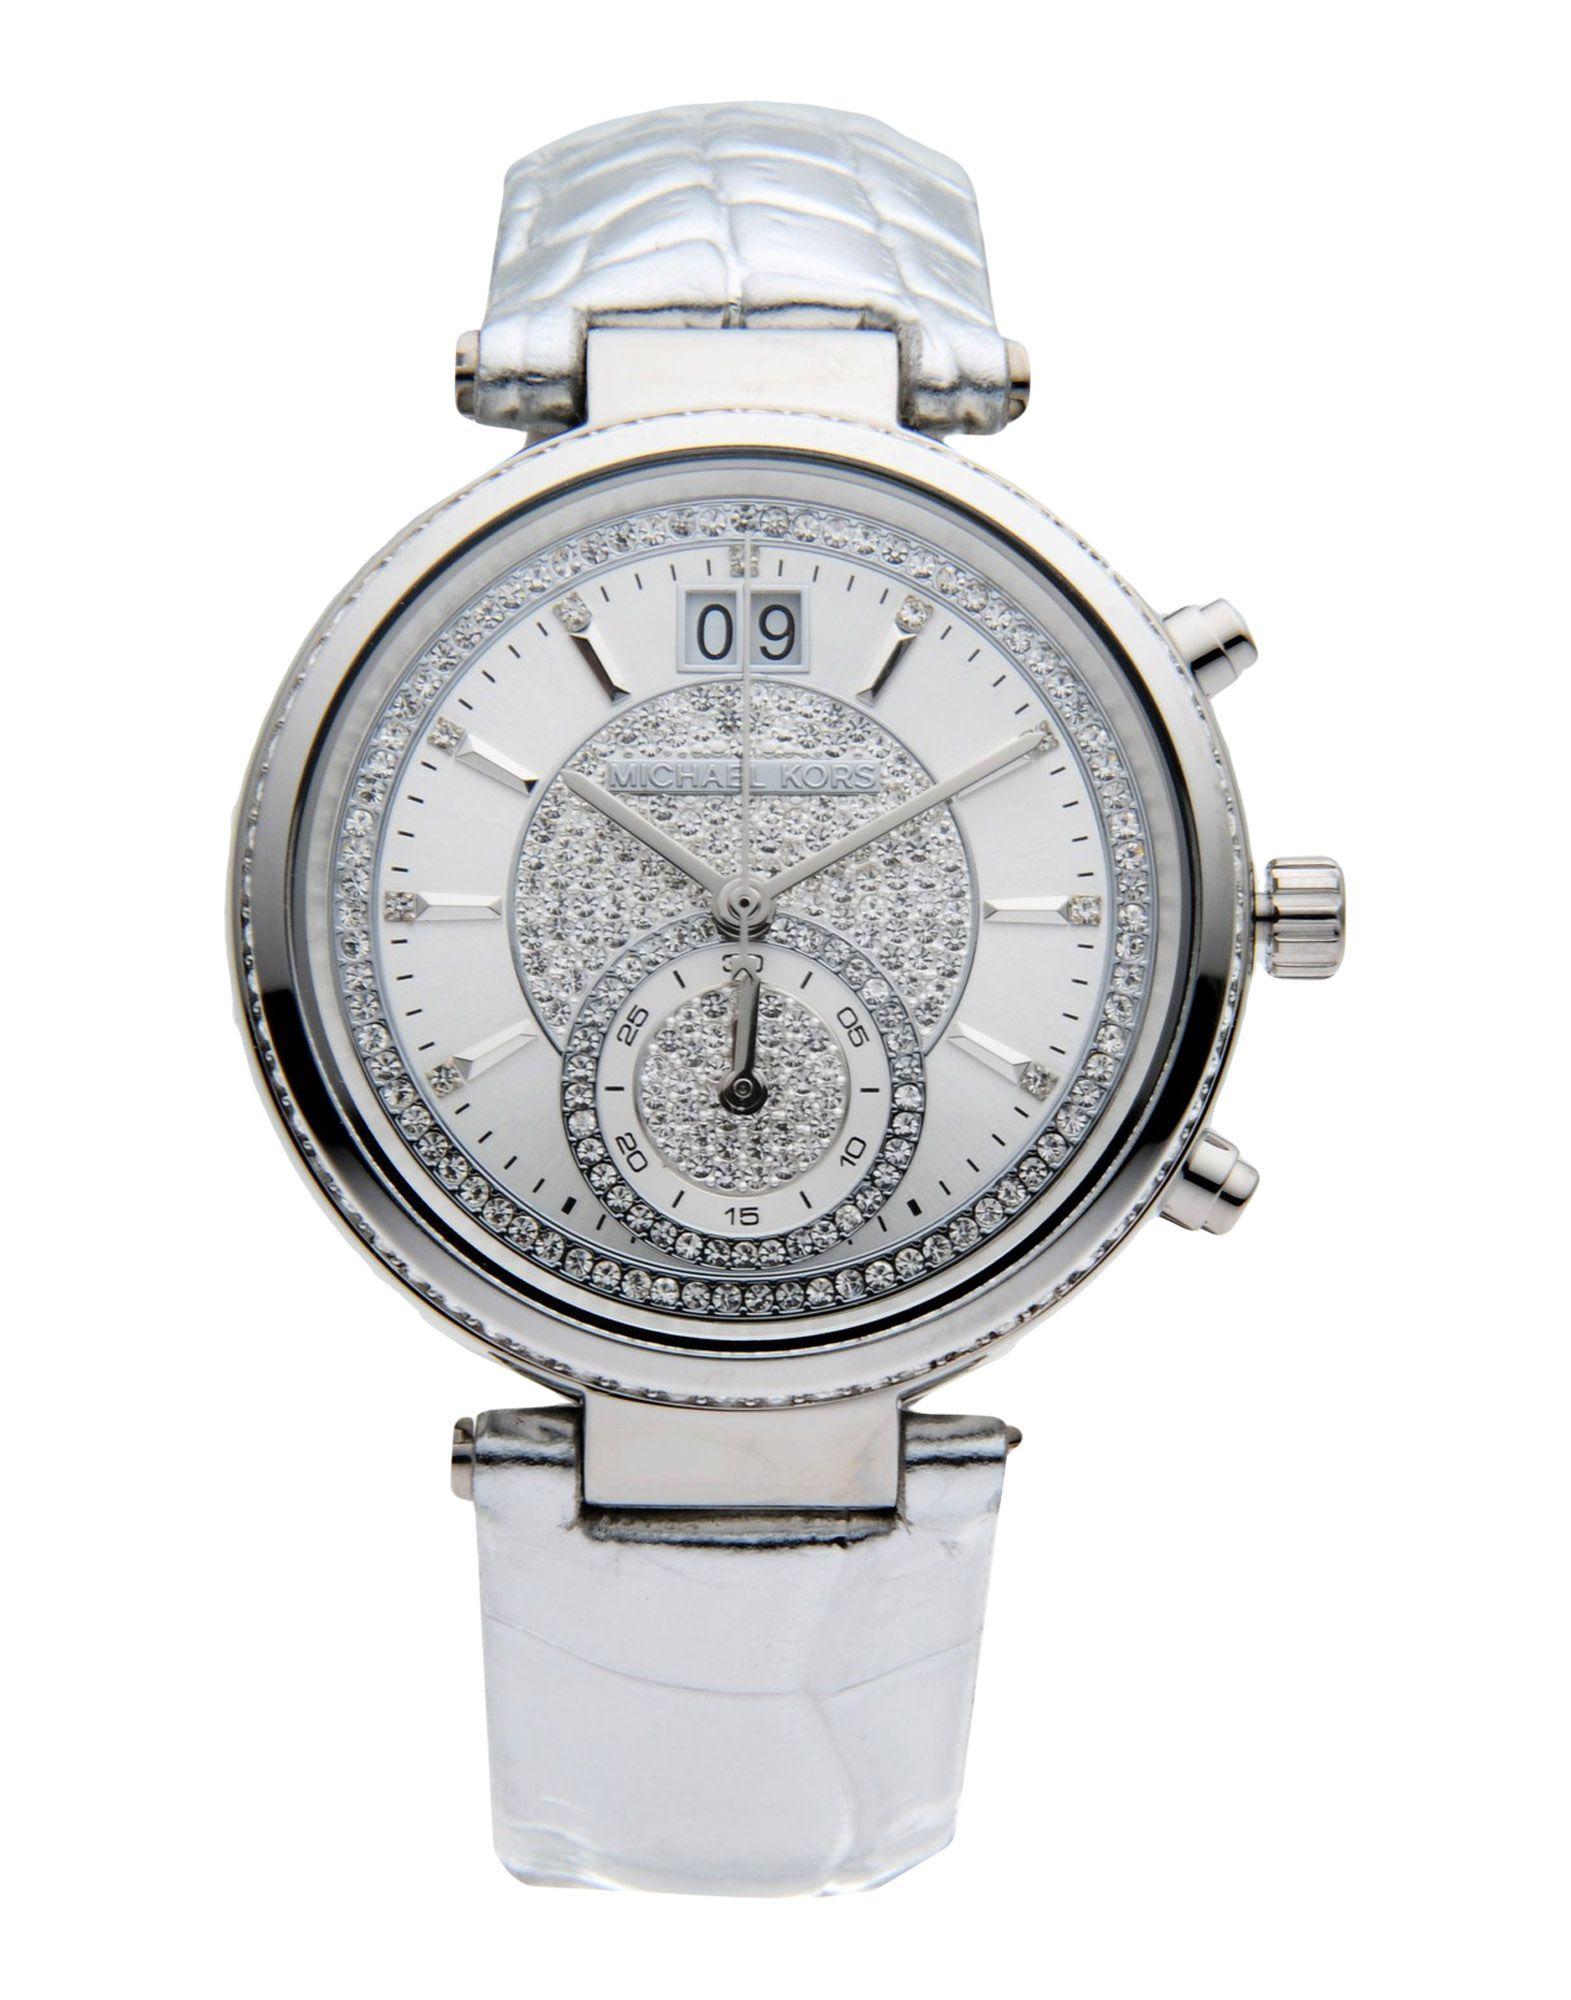 MICHAEL KORS Наручные часы часы женщины роскошные часы золото стальные женские платья наручные часы relogio feminino